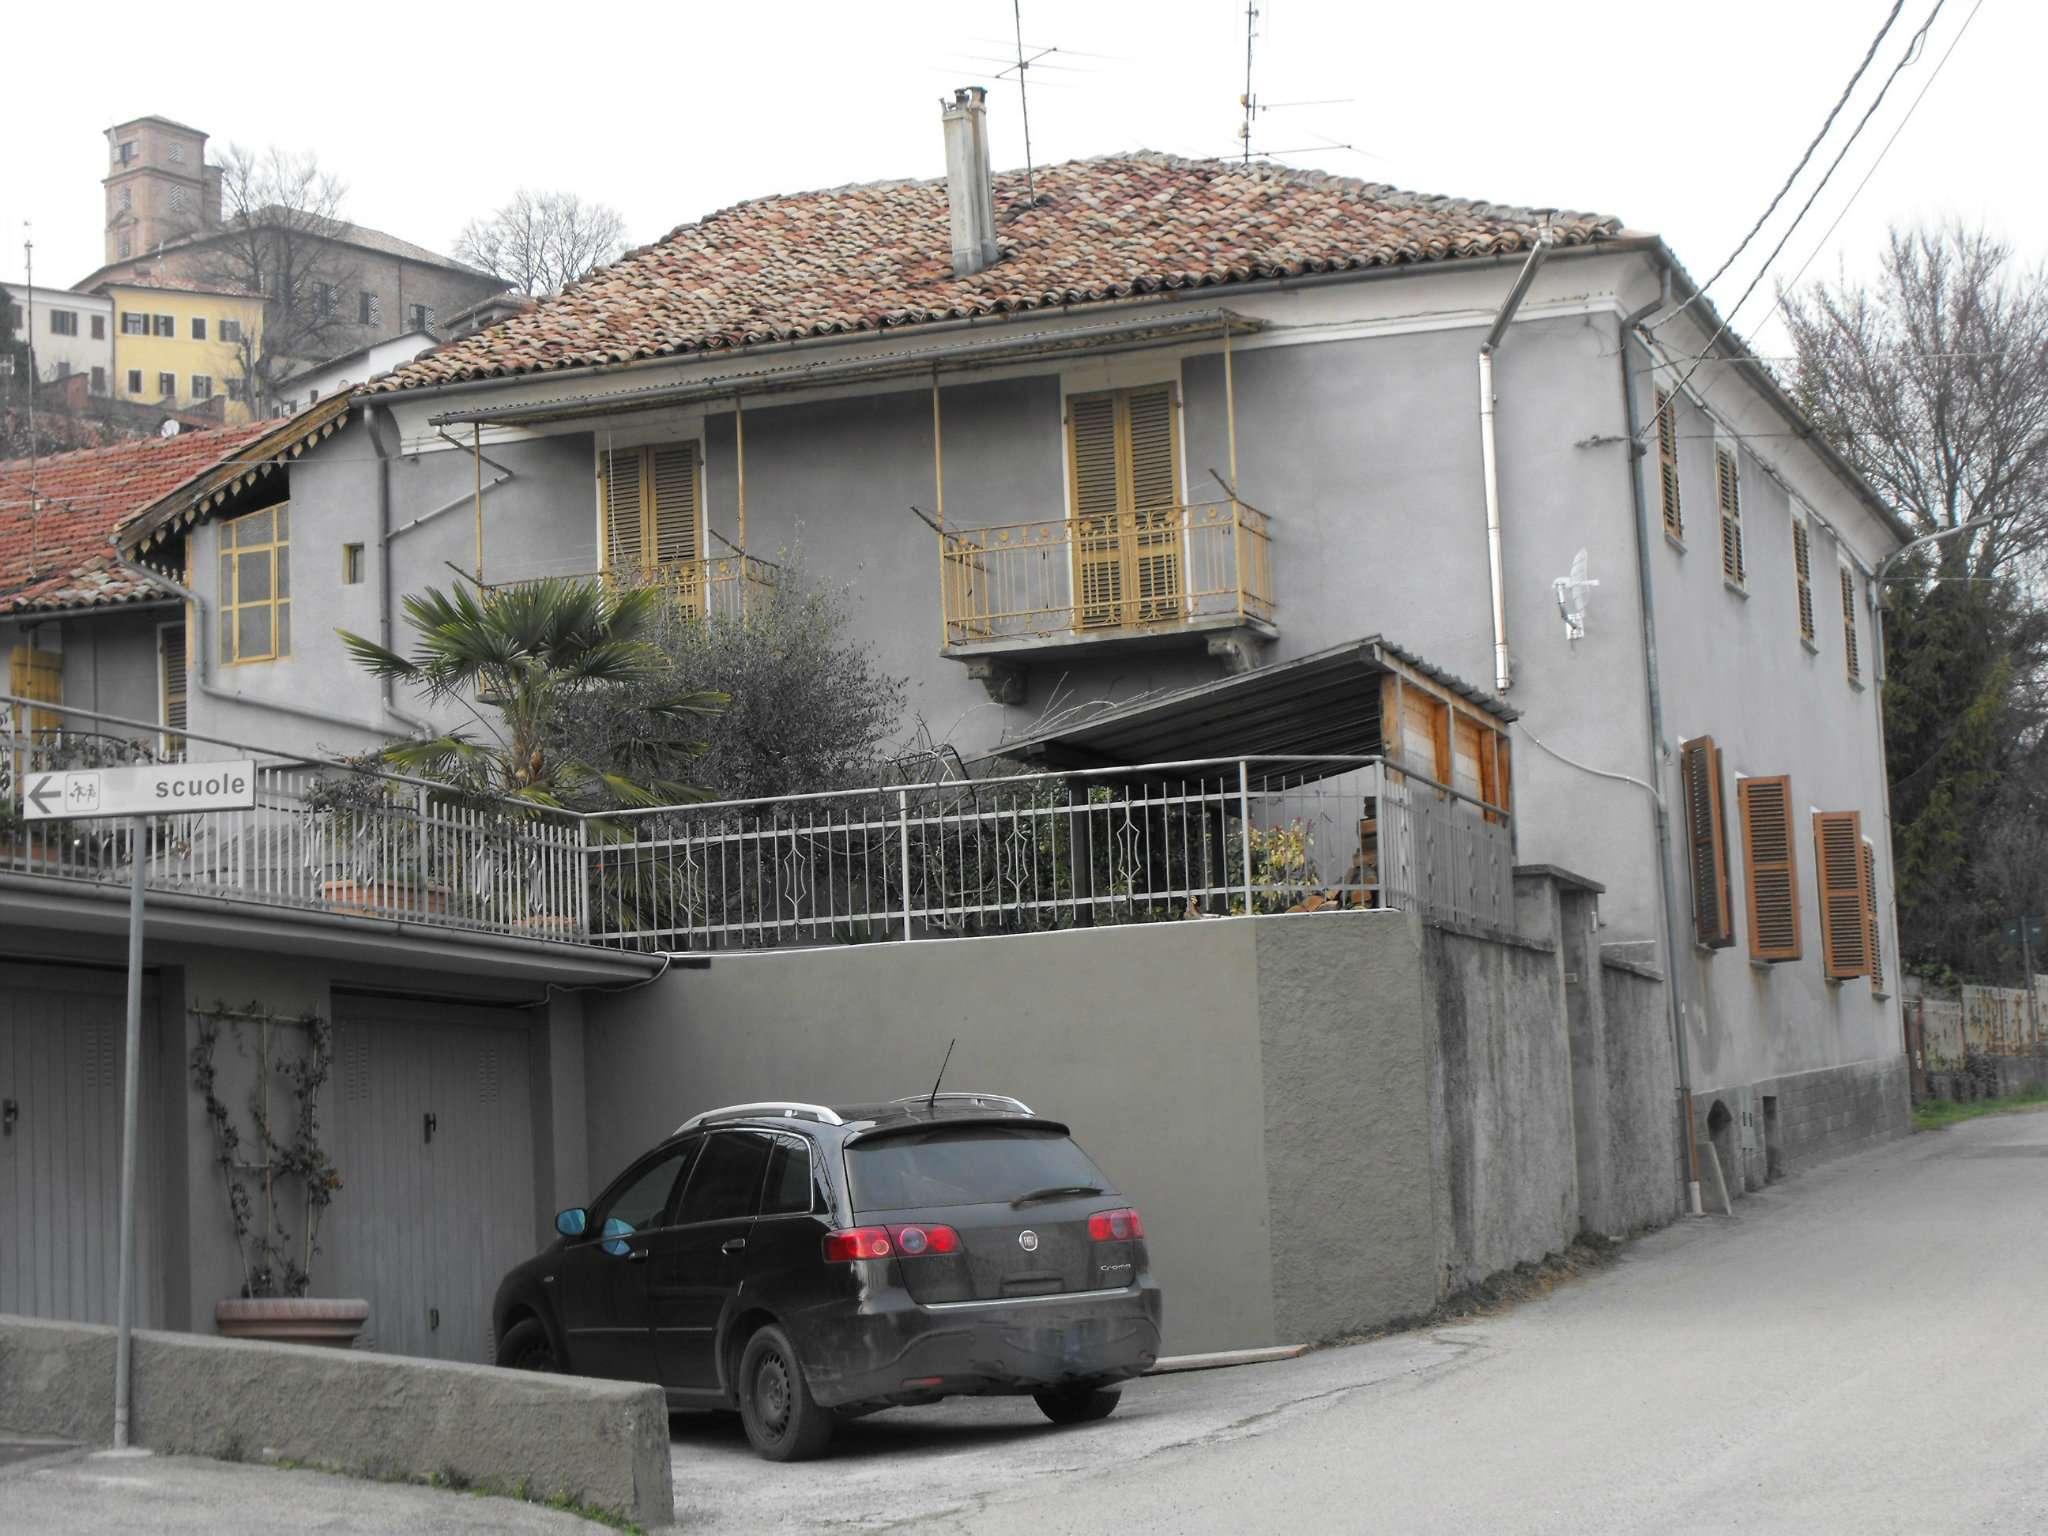 Foto 1 di Casa indipendente Montiglio Monferrato